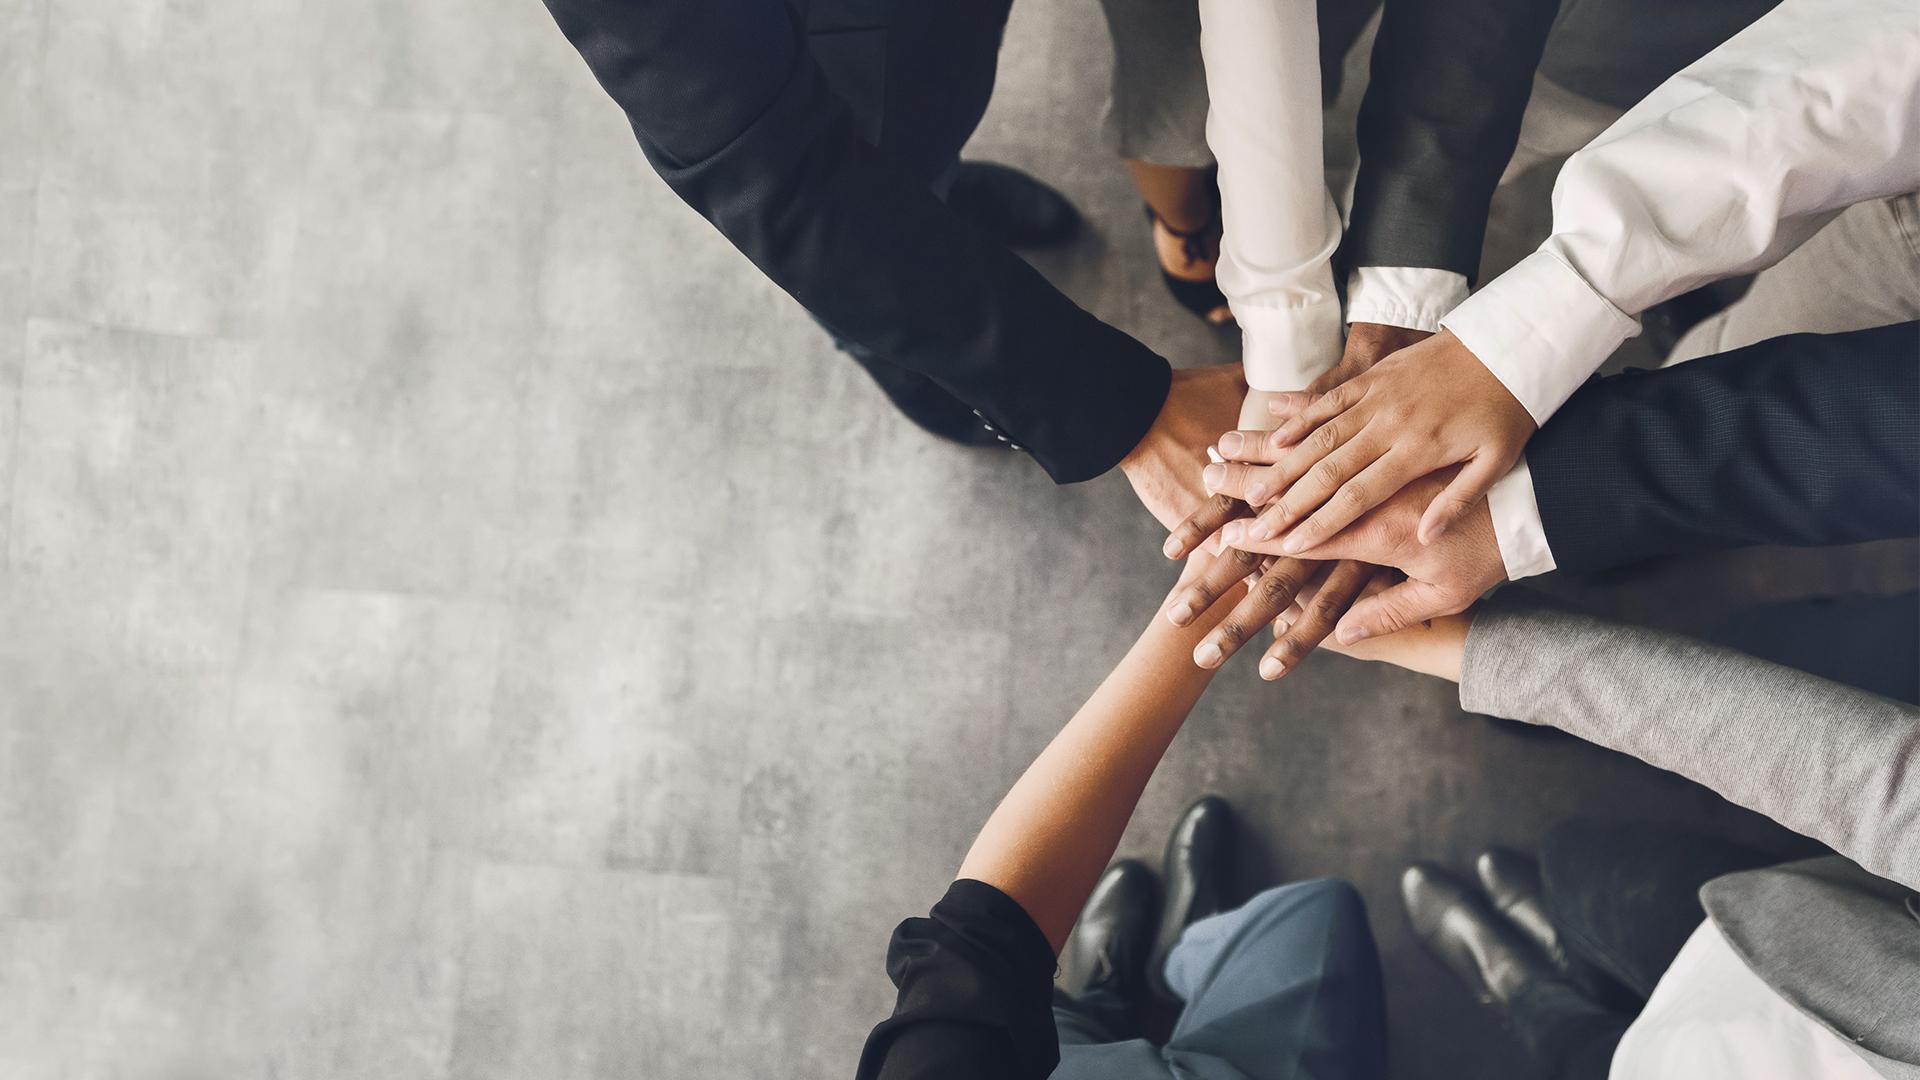 Team huddle hands together